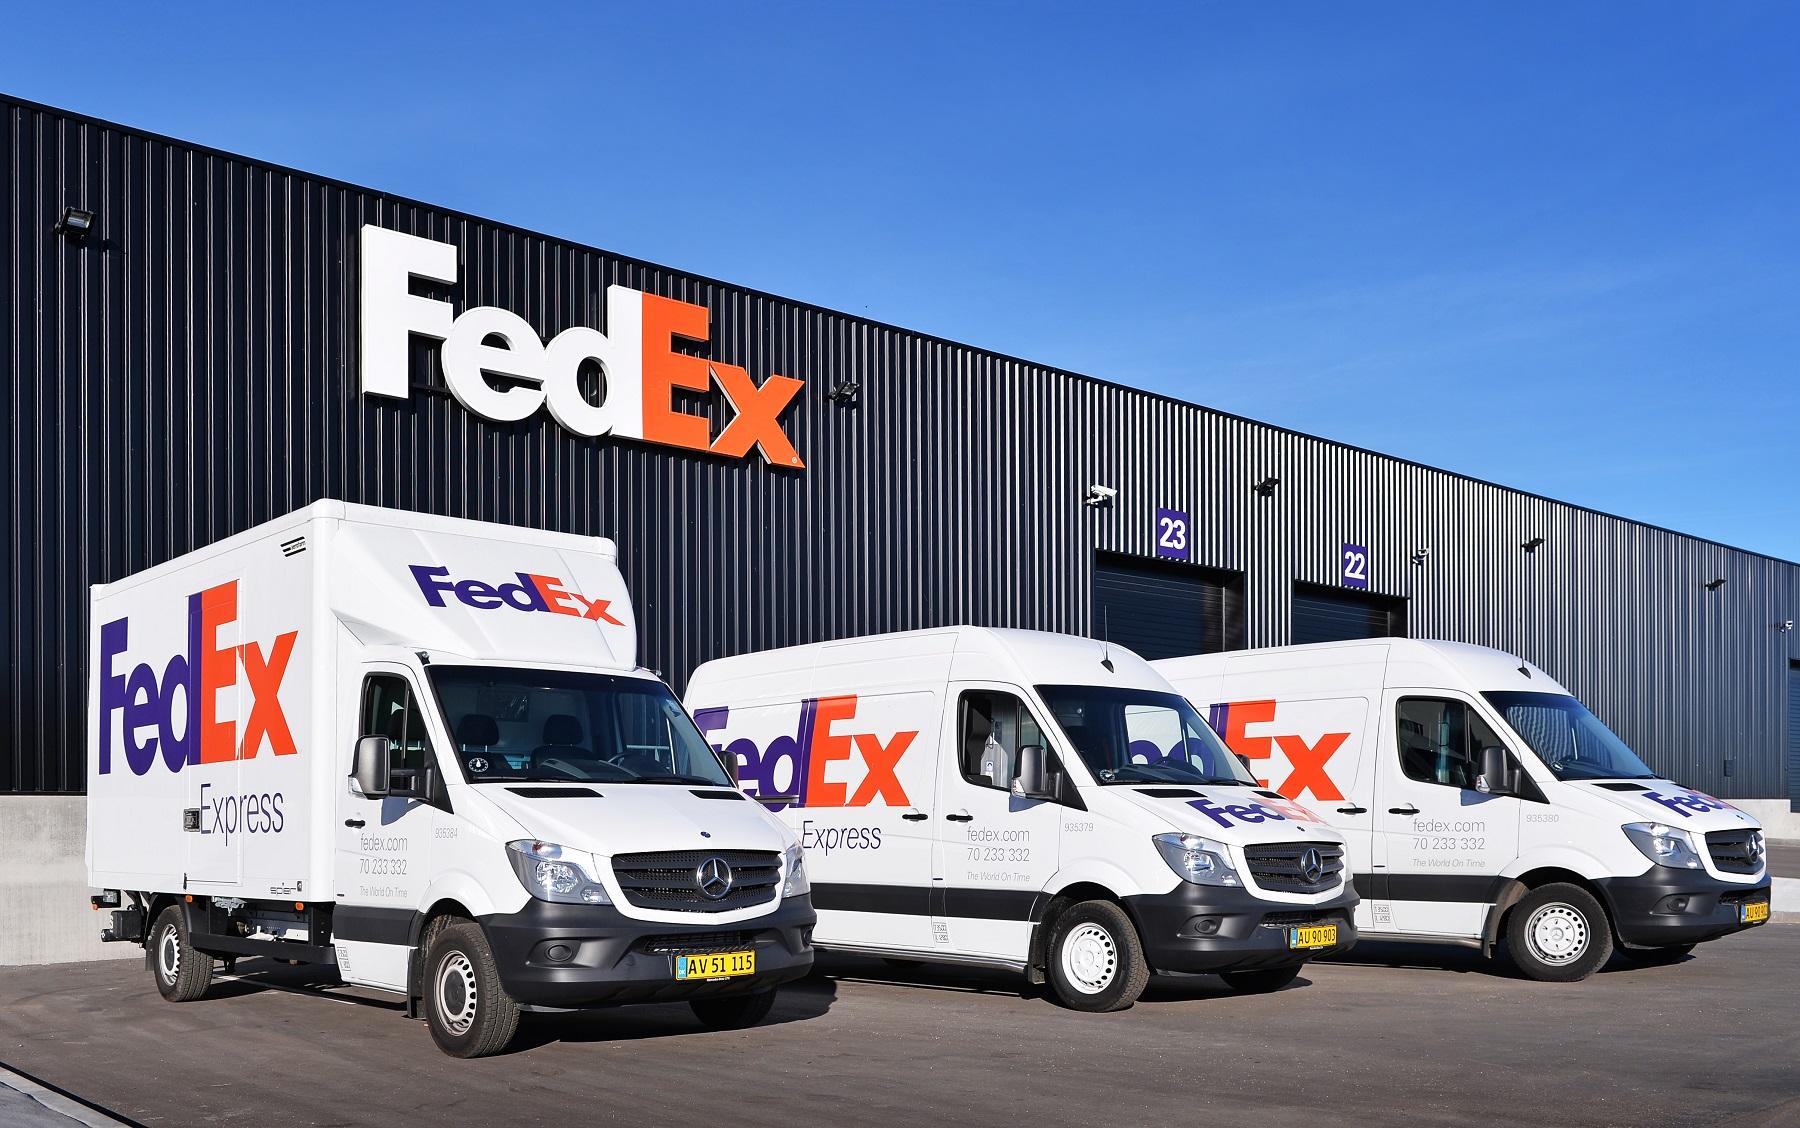 联邦国际快递 FedEx国际快递 中国快递越南 国际快递 联邦快递 鹿跃国际快递 上海国际快件